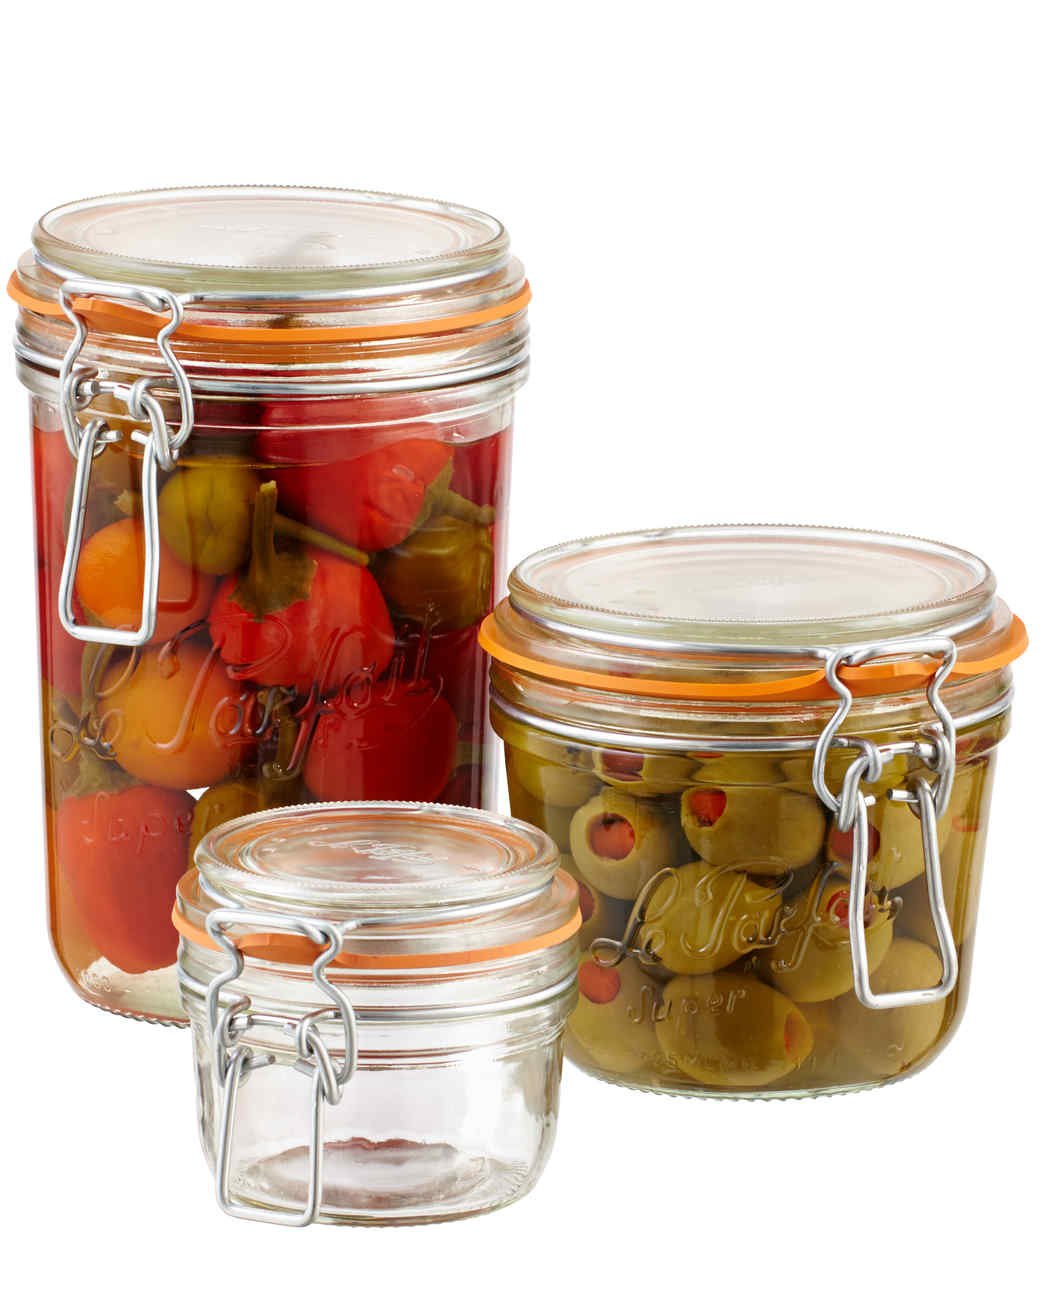 glass-terrines-picnic-round-up-0617